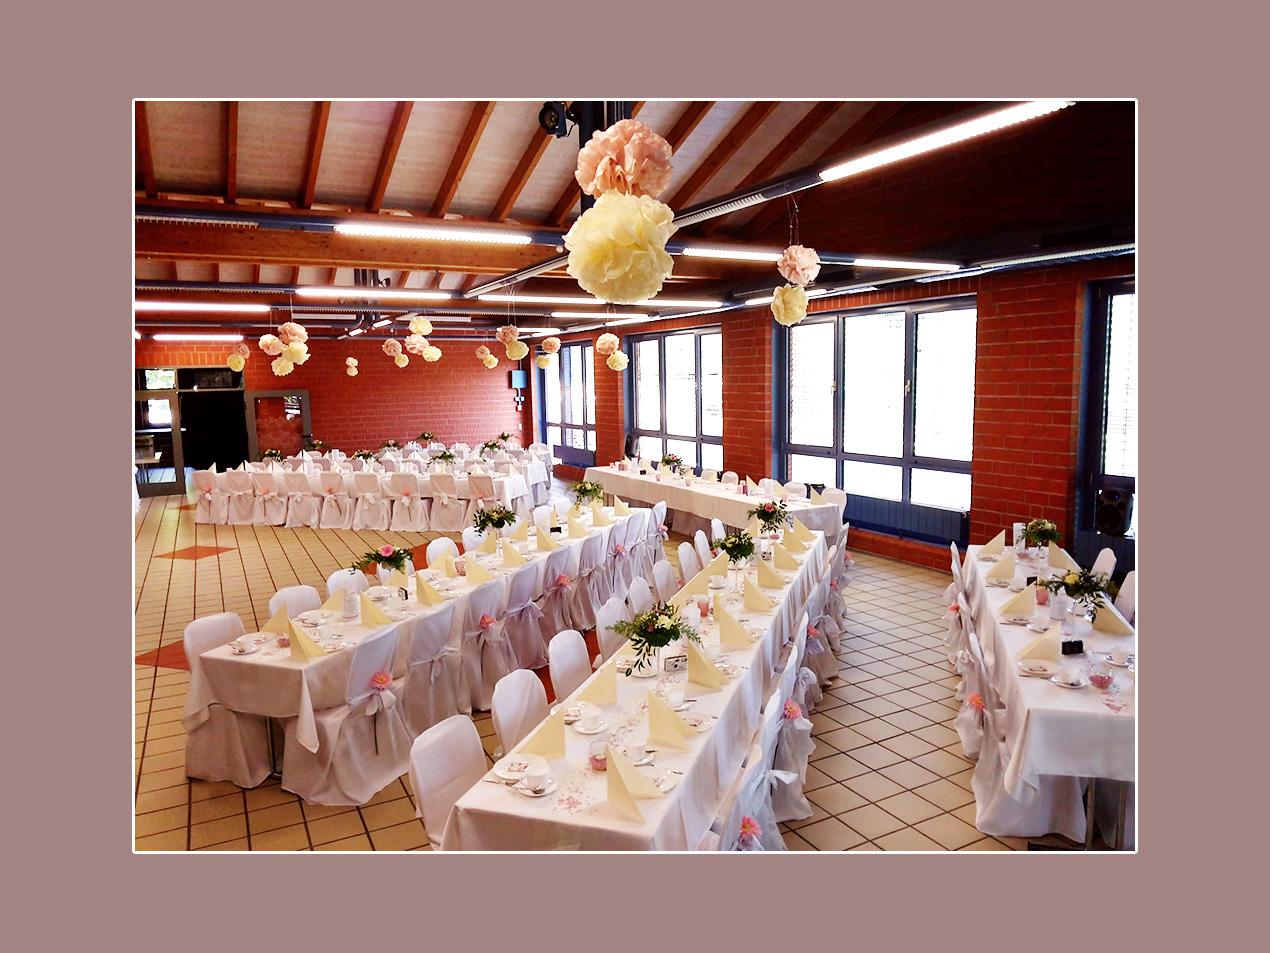 Hochzeitslocation-Sinngrundhalle-Burgsinn_Umgebung-Hanau-Aschaffenburg